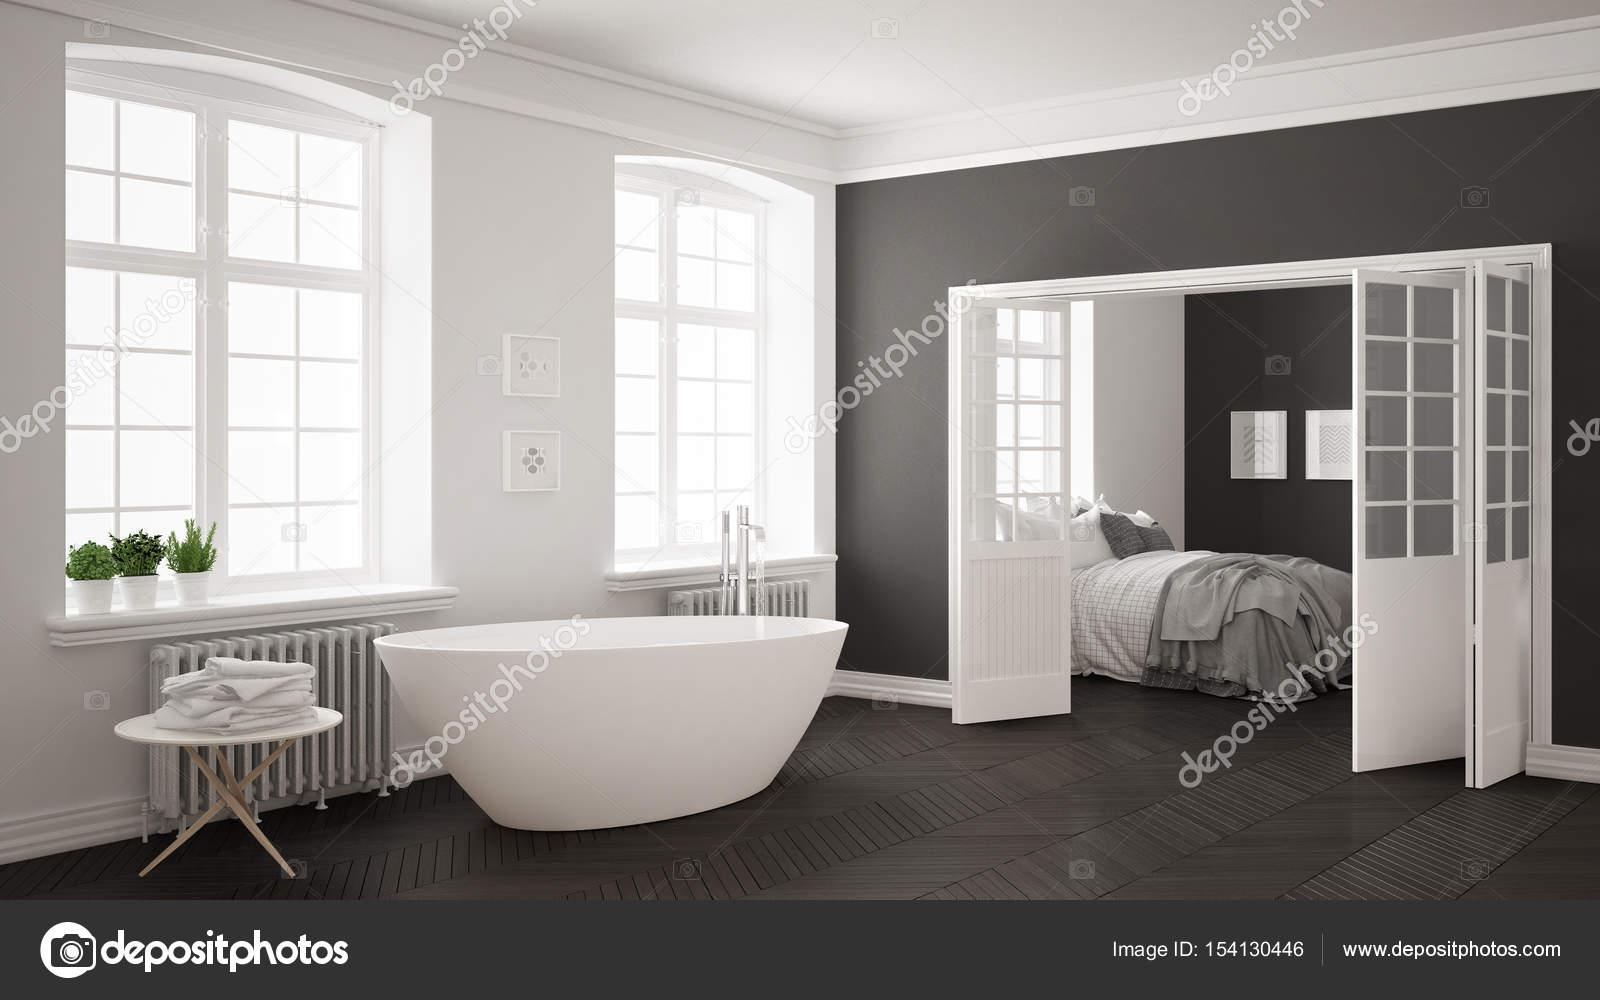 Camera Da Letto Bianco E Grigio : Da bagno scandinavo minimalista di bianco e grigio con camera da